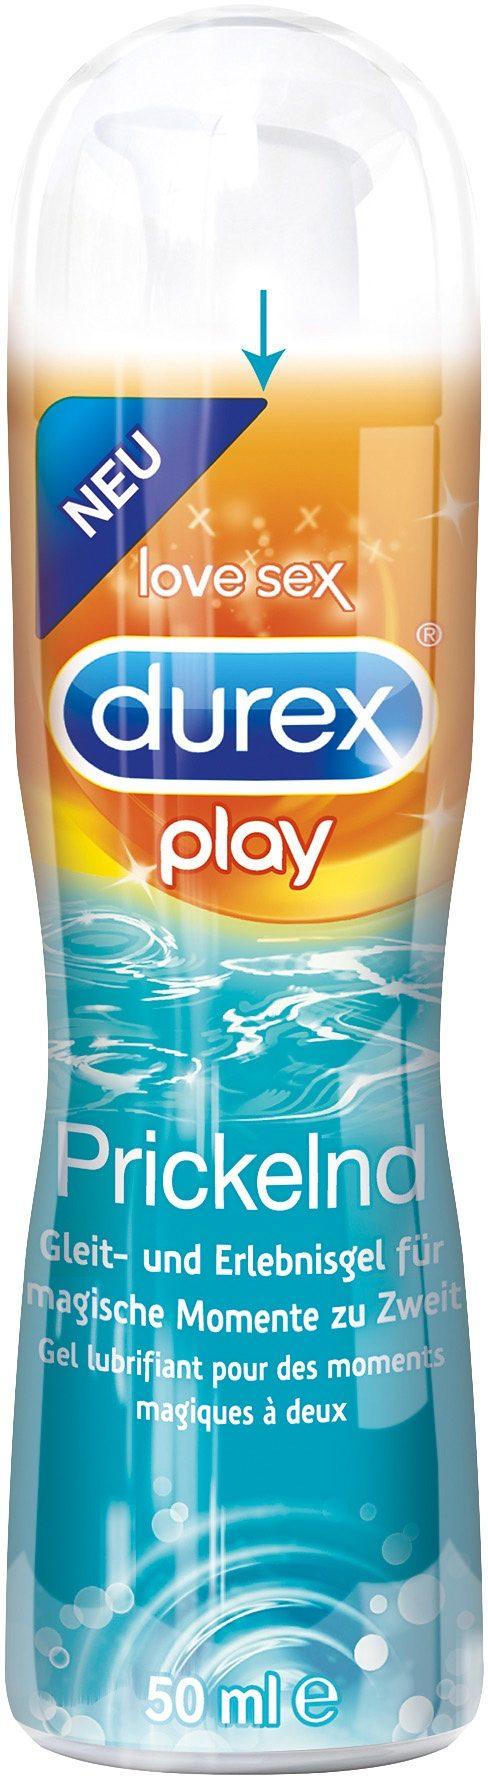 Durex wasserbasiertes Gleitgel »Play Prickelnd«